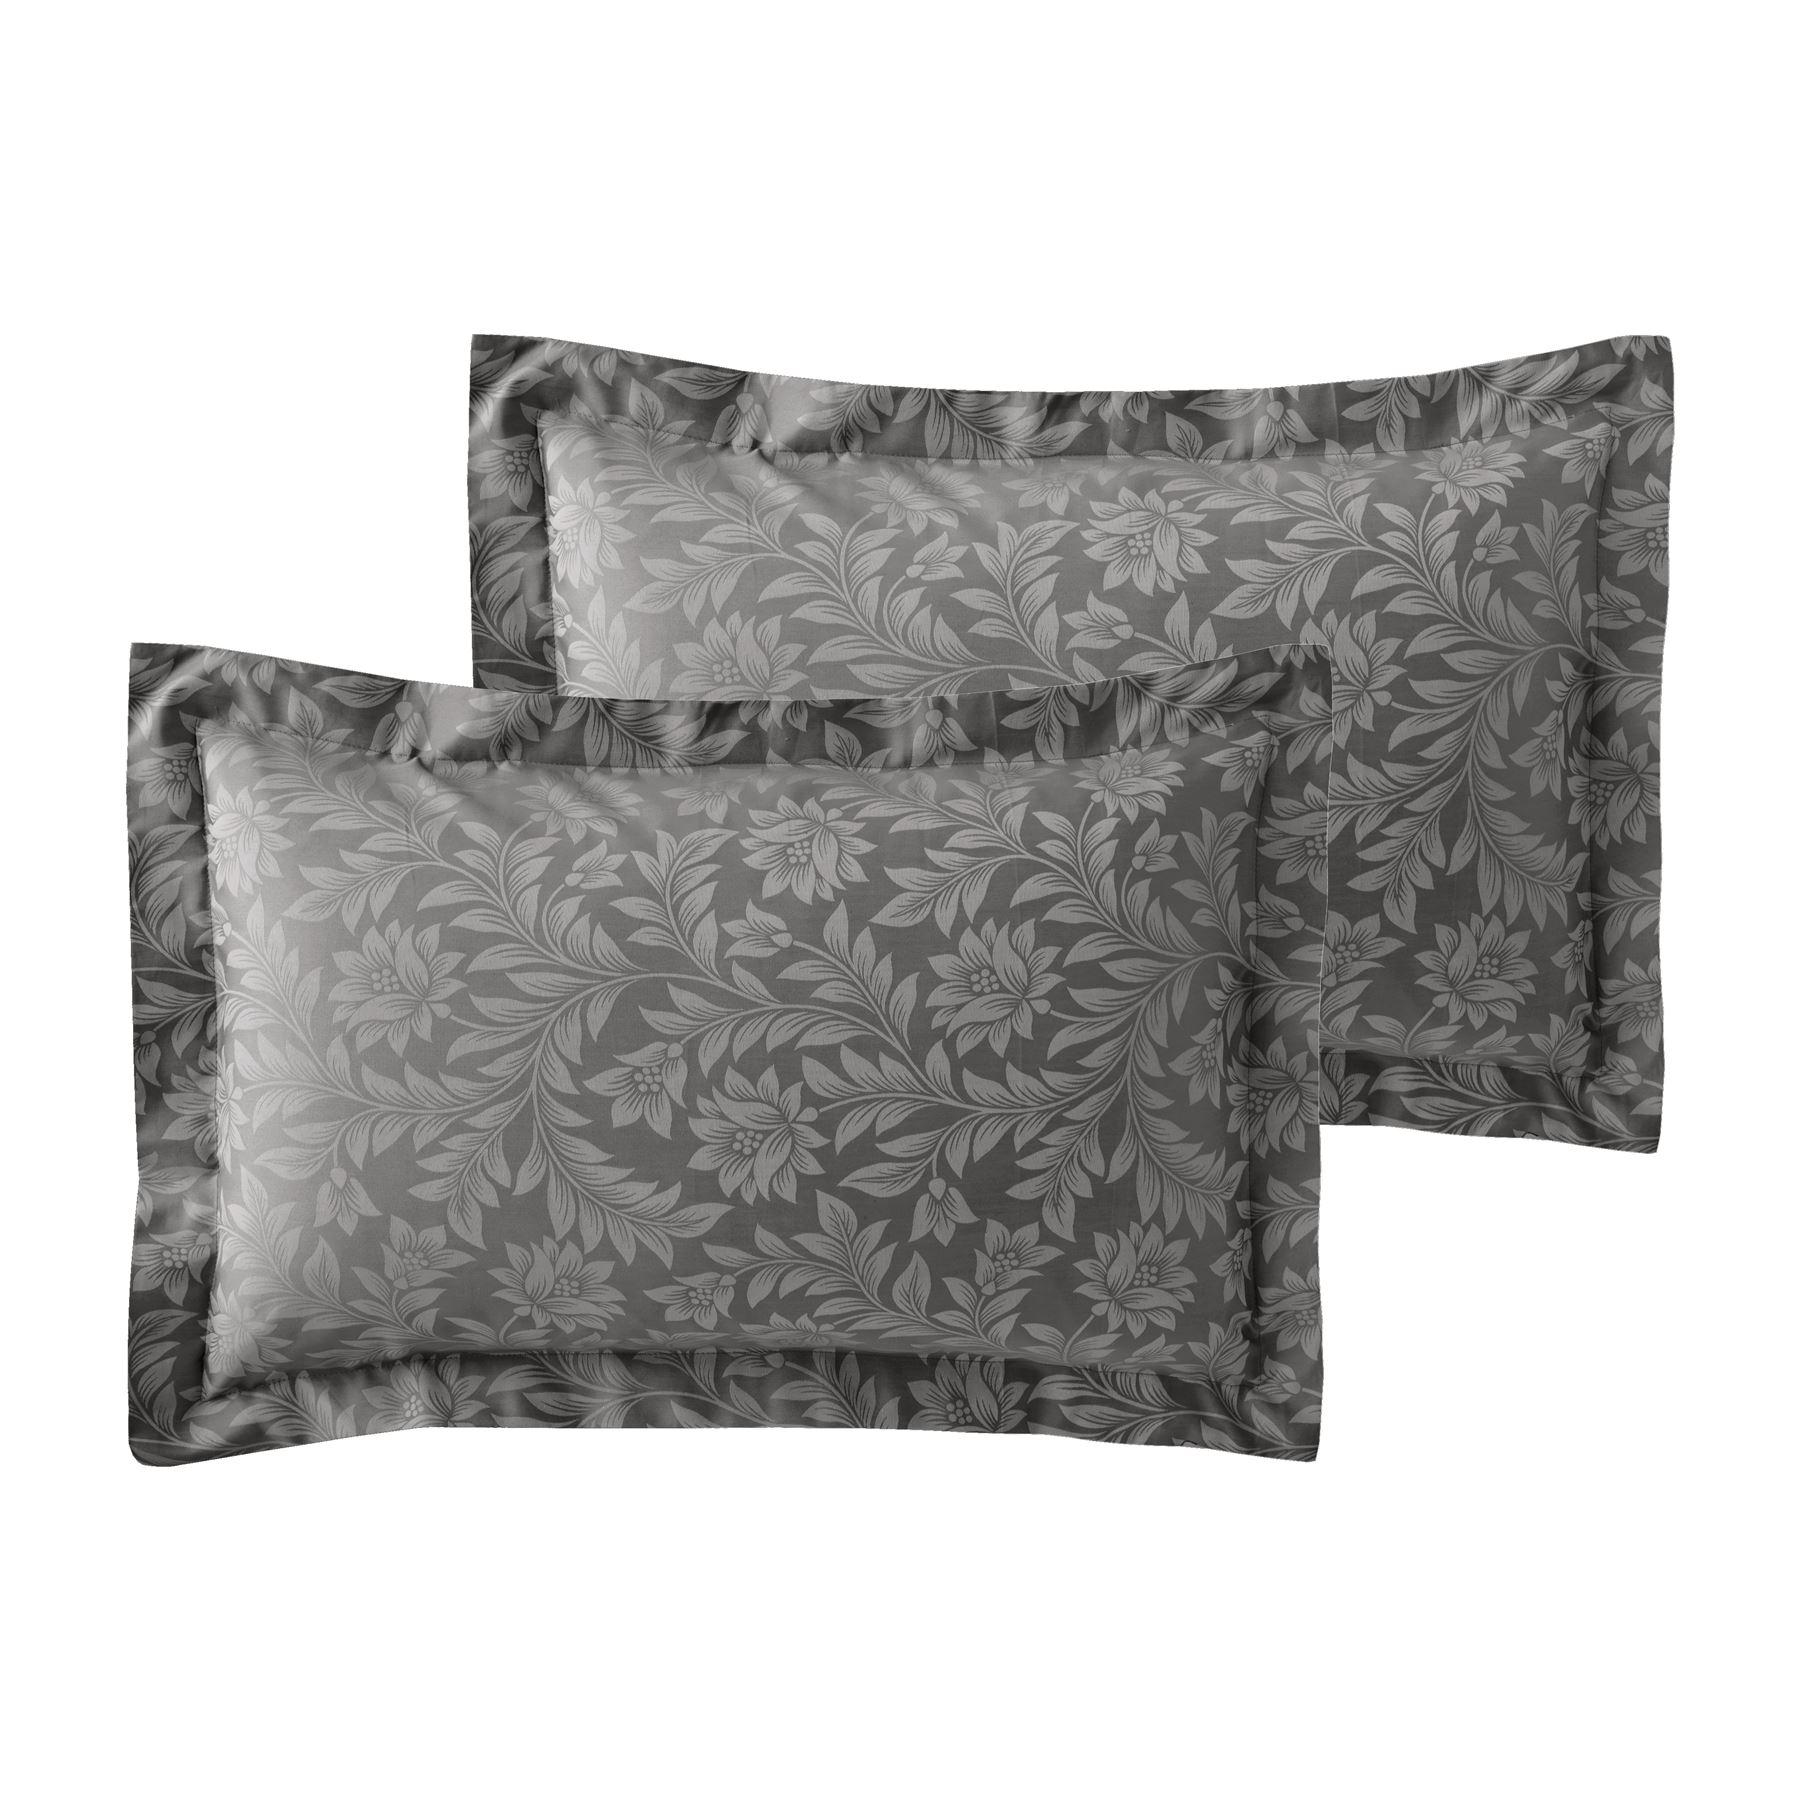 Jacquard-600-Hilos-De-Algodon-Rico-Floral-Duvet-Cover-Set-Fundas-de-almohada-Oxford miniatura 14